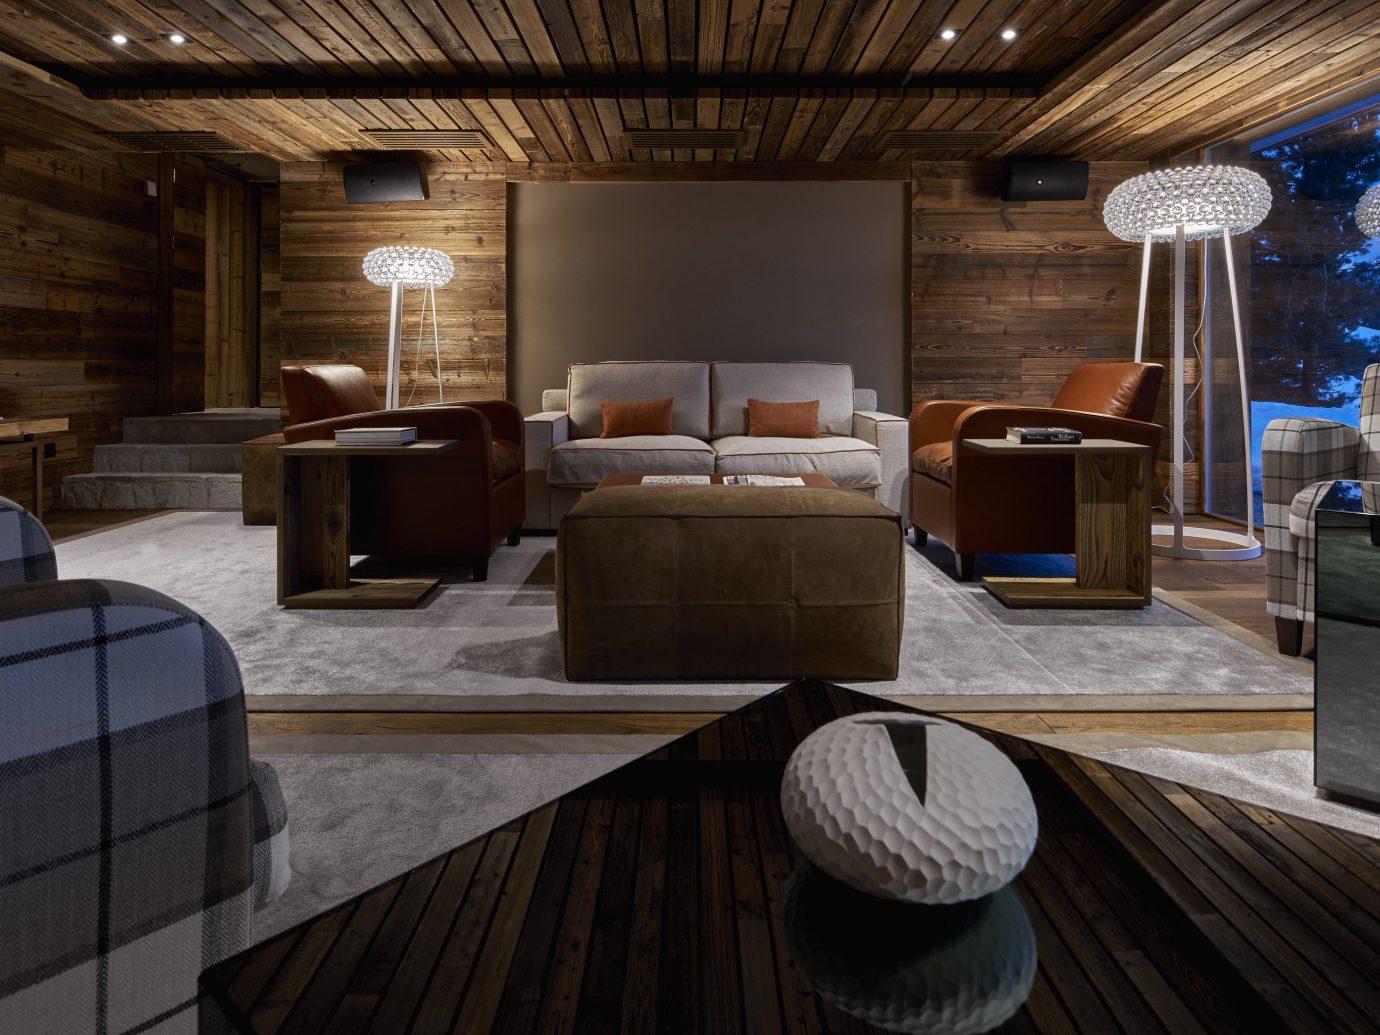 Boutique Hotels Hotels Outdoors + Adventure Winter indoor floor room ceiling interior design Architecture wood interior designer furniture